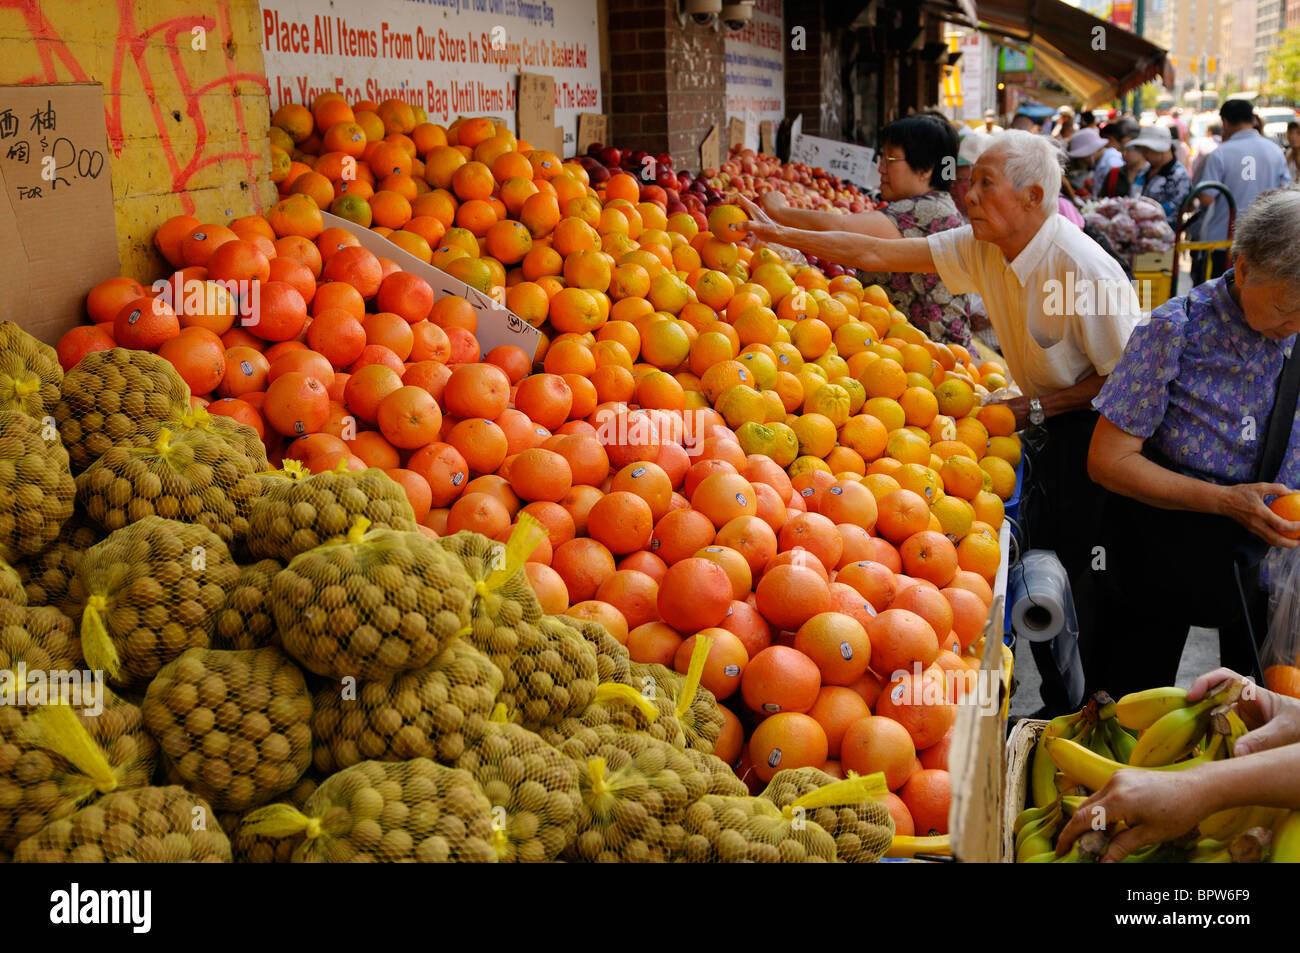 Gli amanti dello shopping la raccolta di frutti di produrre un marciapiede drogheria a Chinatown toronto Foto Stock